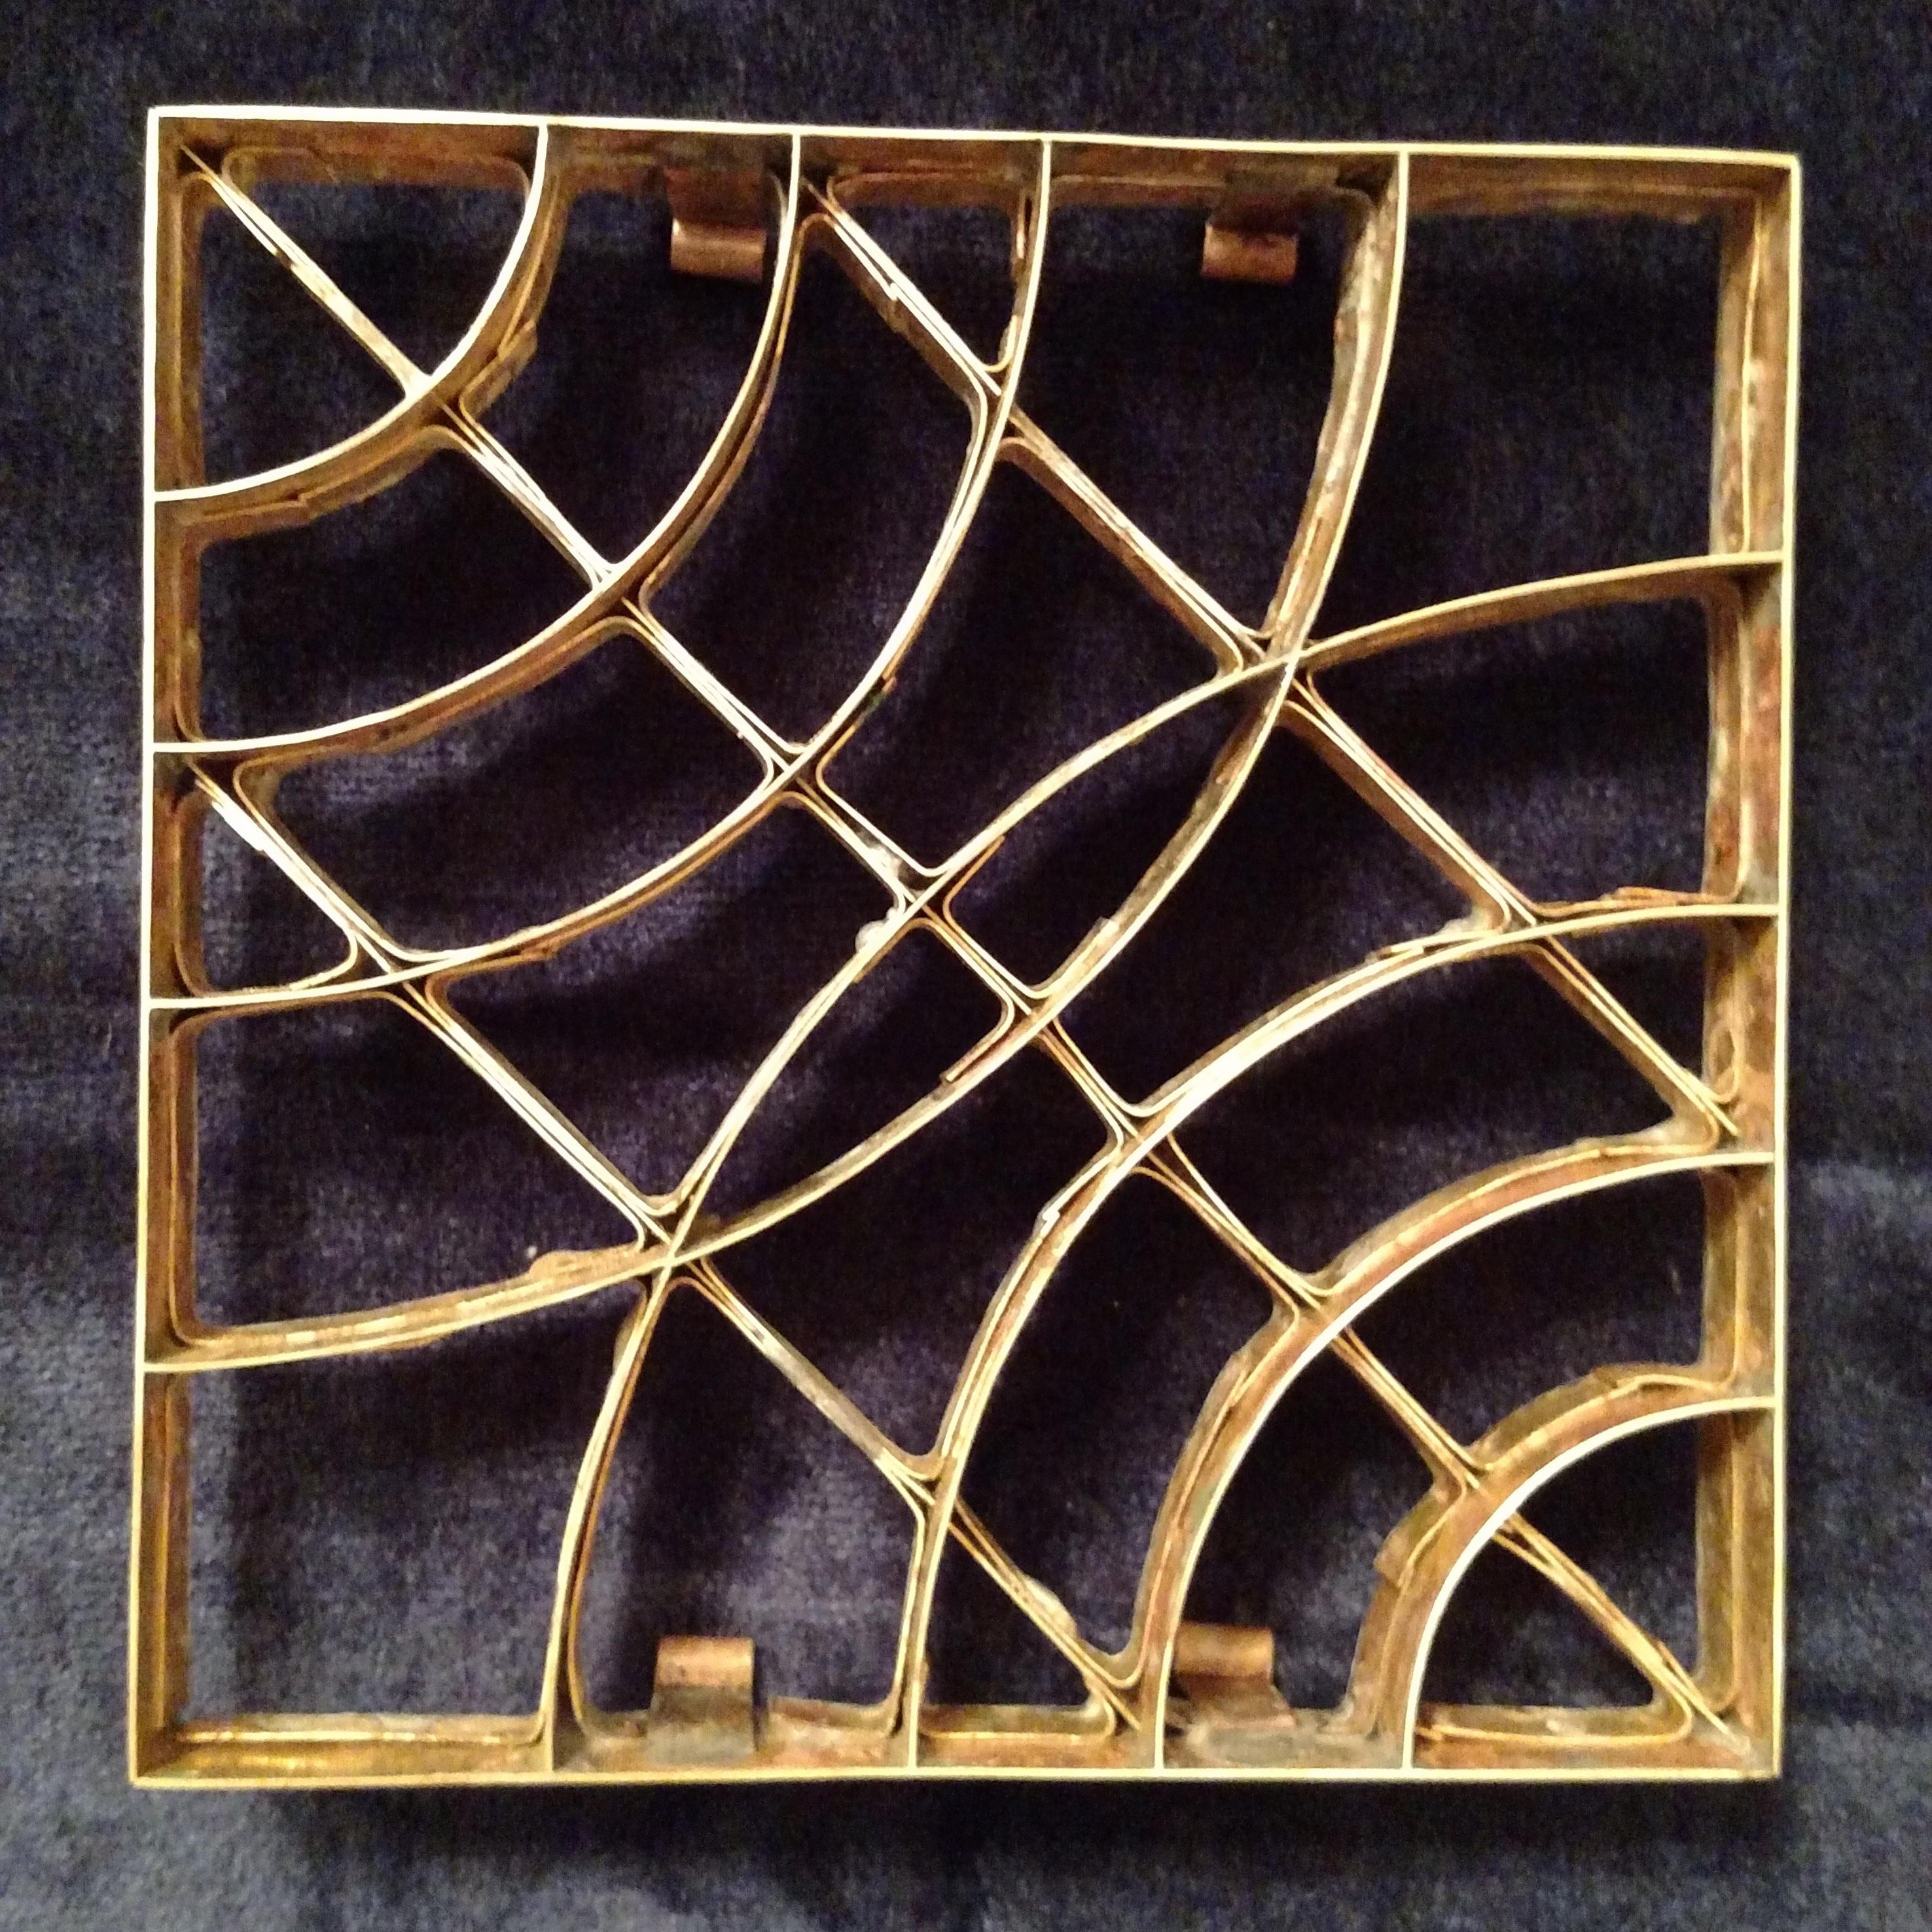 Moule Pour Beton échantillons de moule de carreaux de ciment